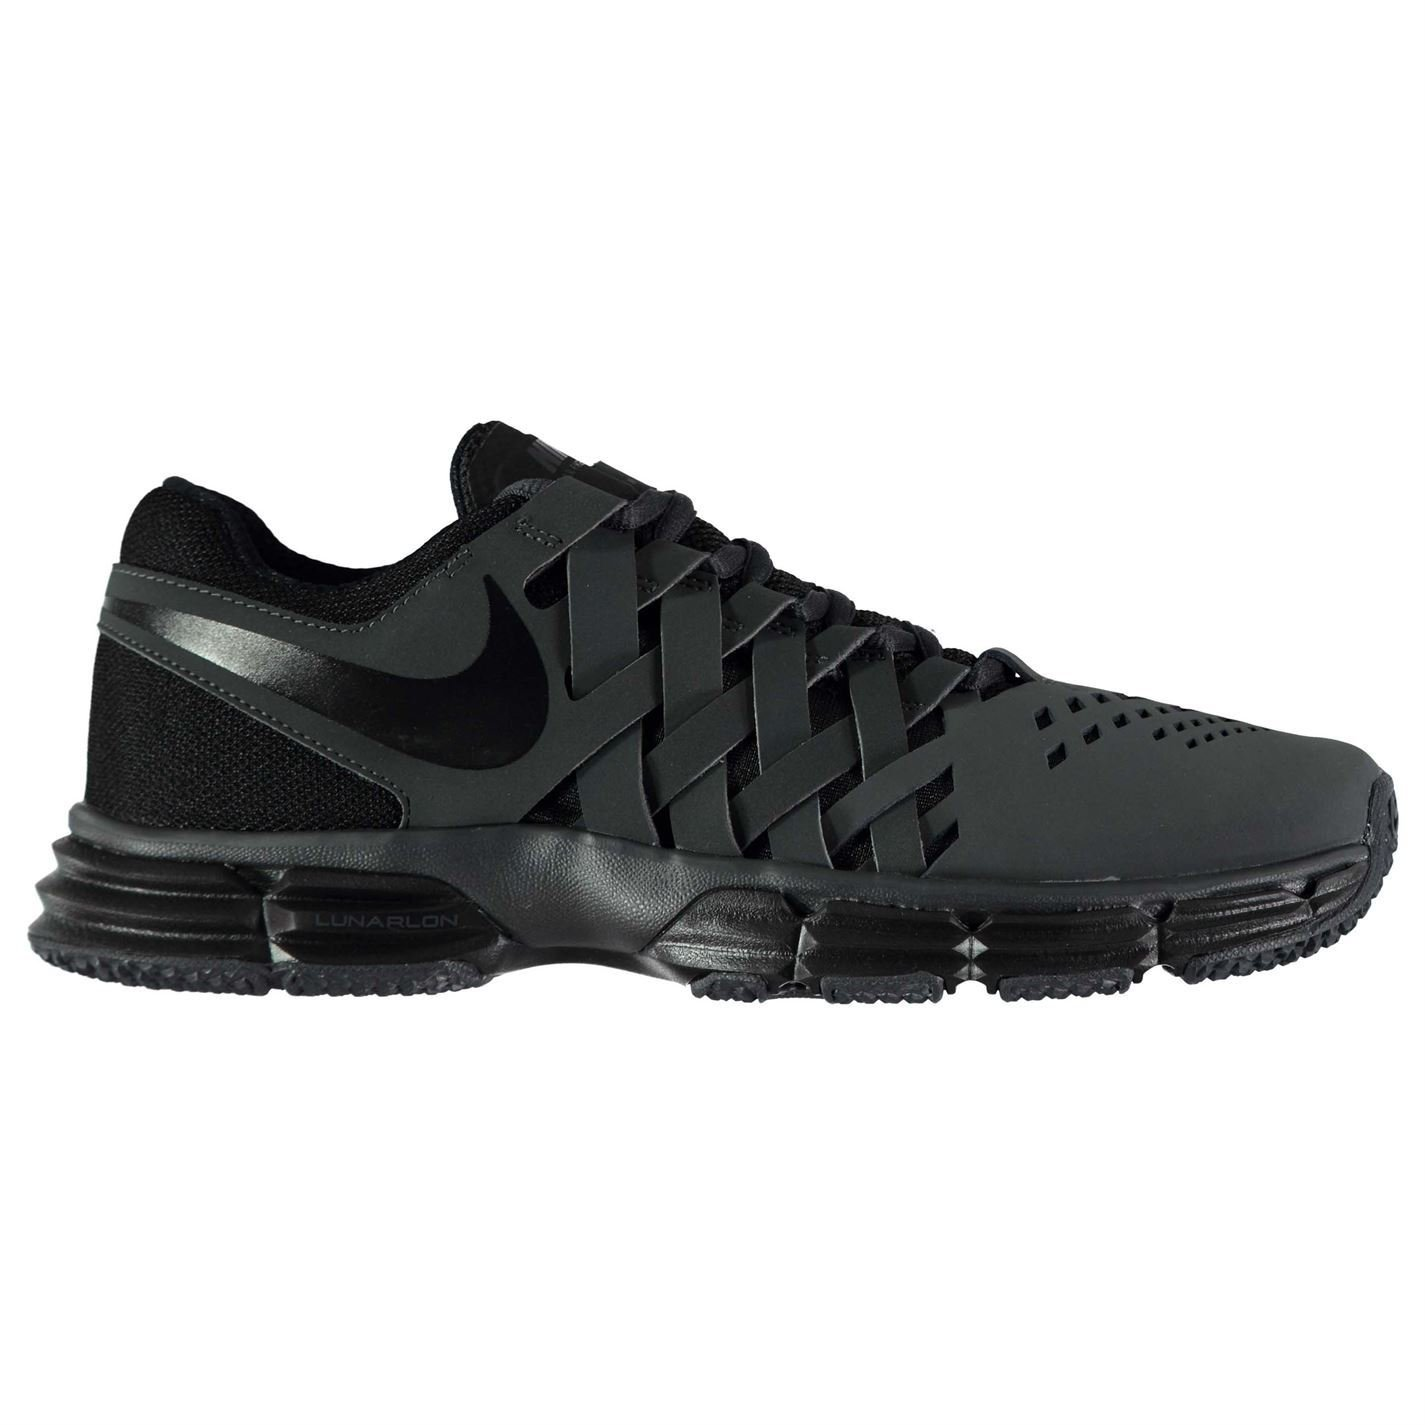 chaussures chaussures nike fingertrap lunaire d'origine physique anthracite  / Noir  anthracite formateurs baskets 11 hommes 889218